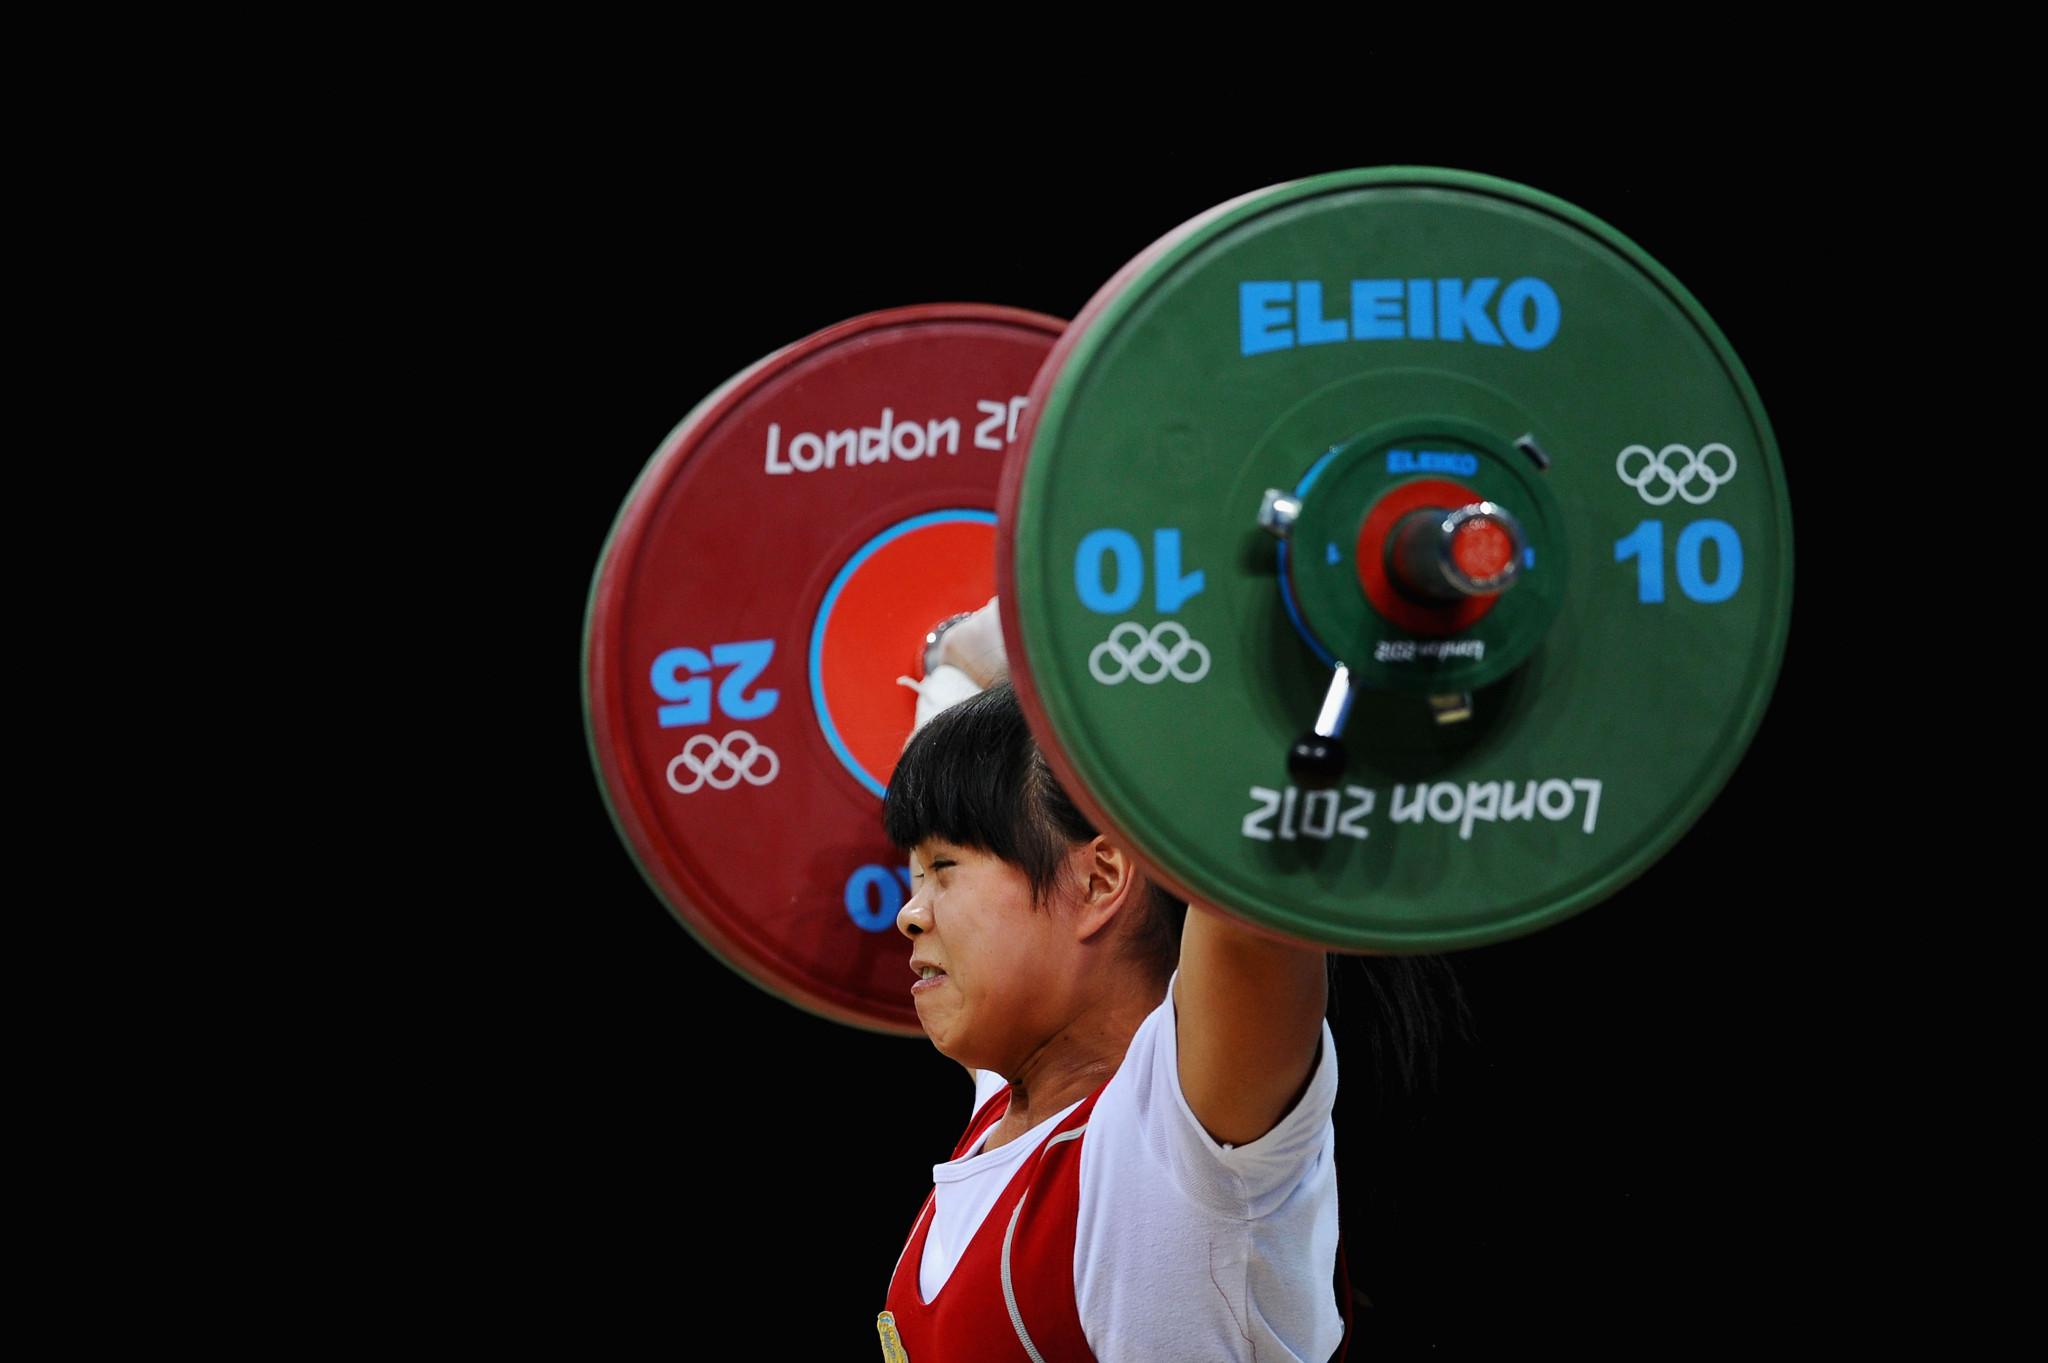 Zulfiya Chinshanlo also won at the National Championships ©Getty Images